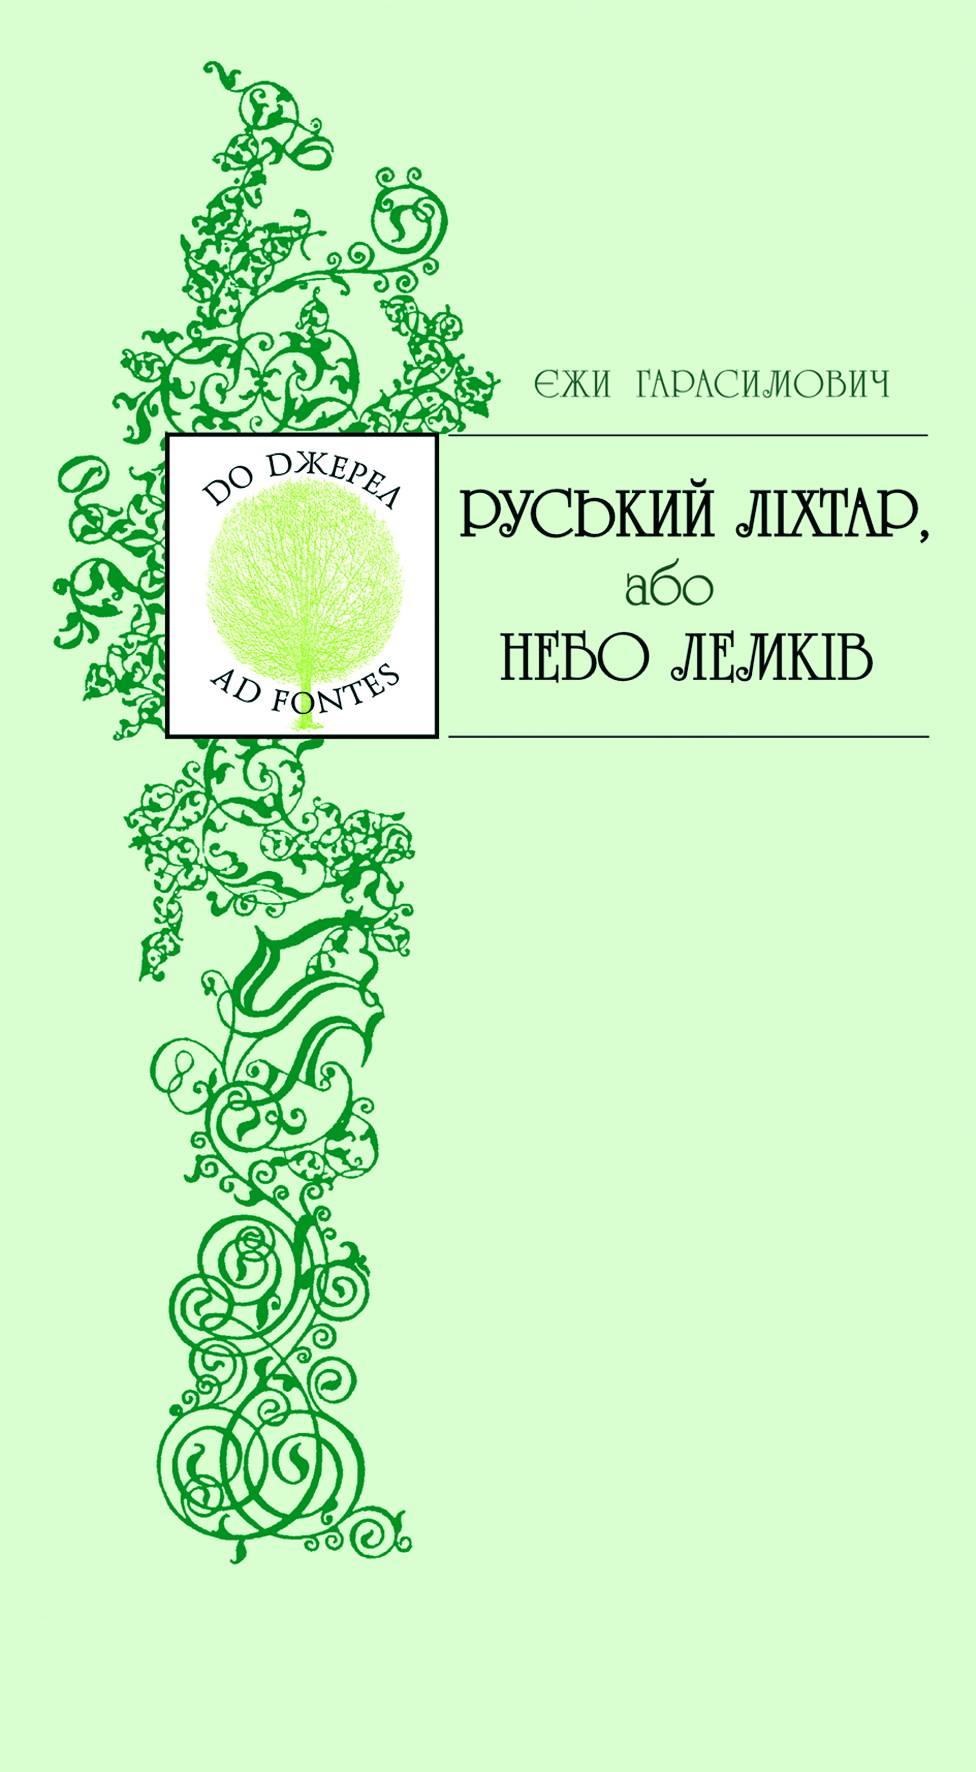 Збірка поезії Єжи Гарасимовича